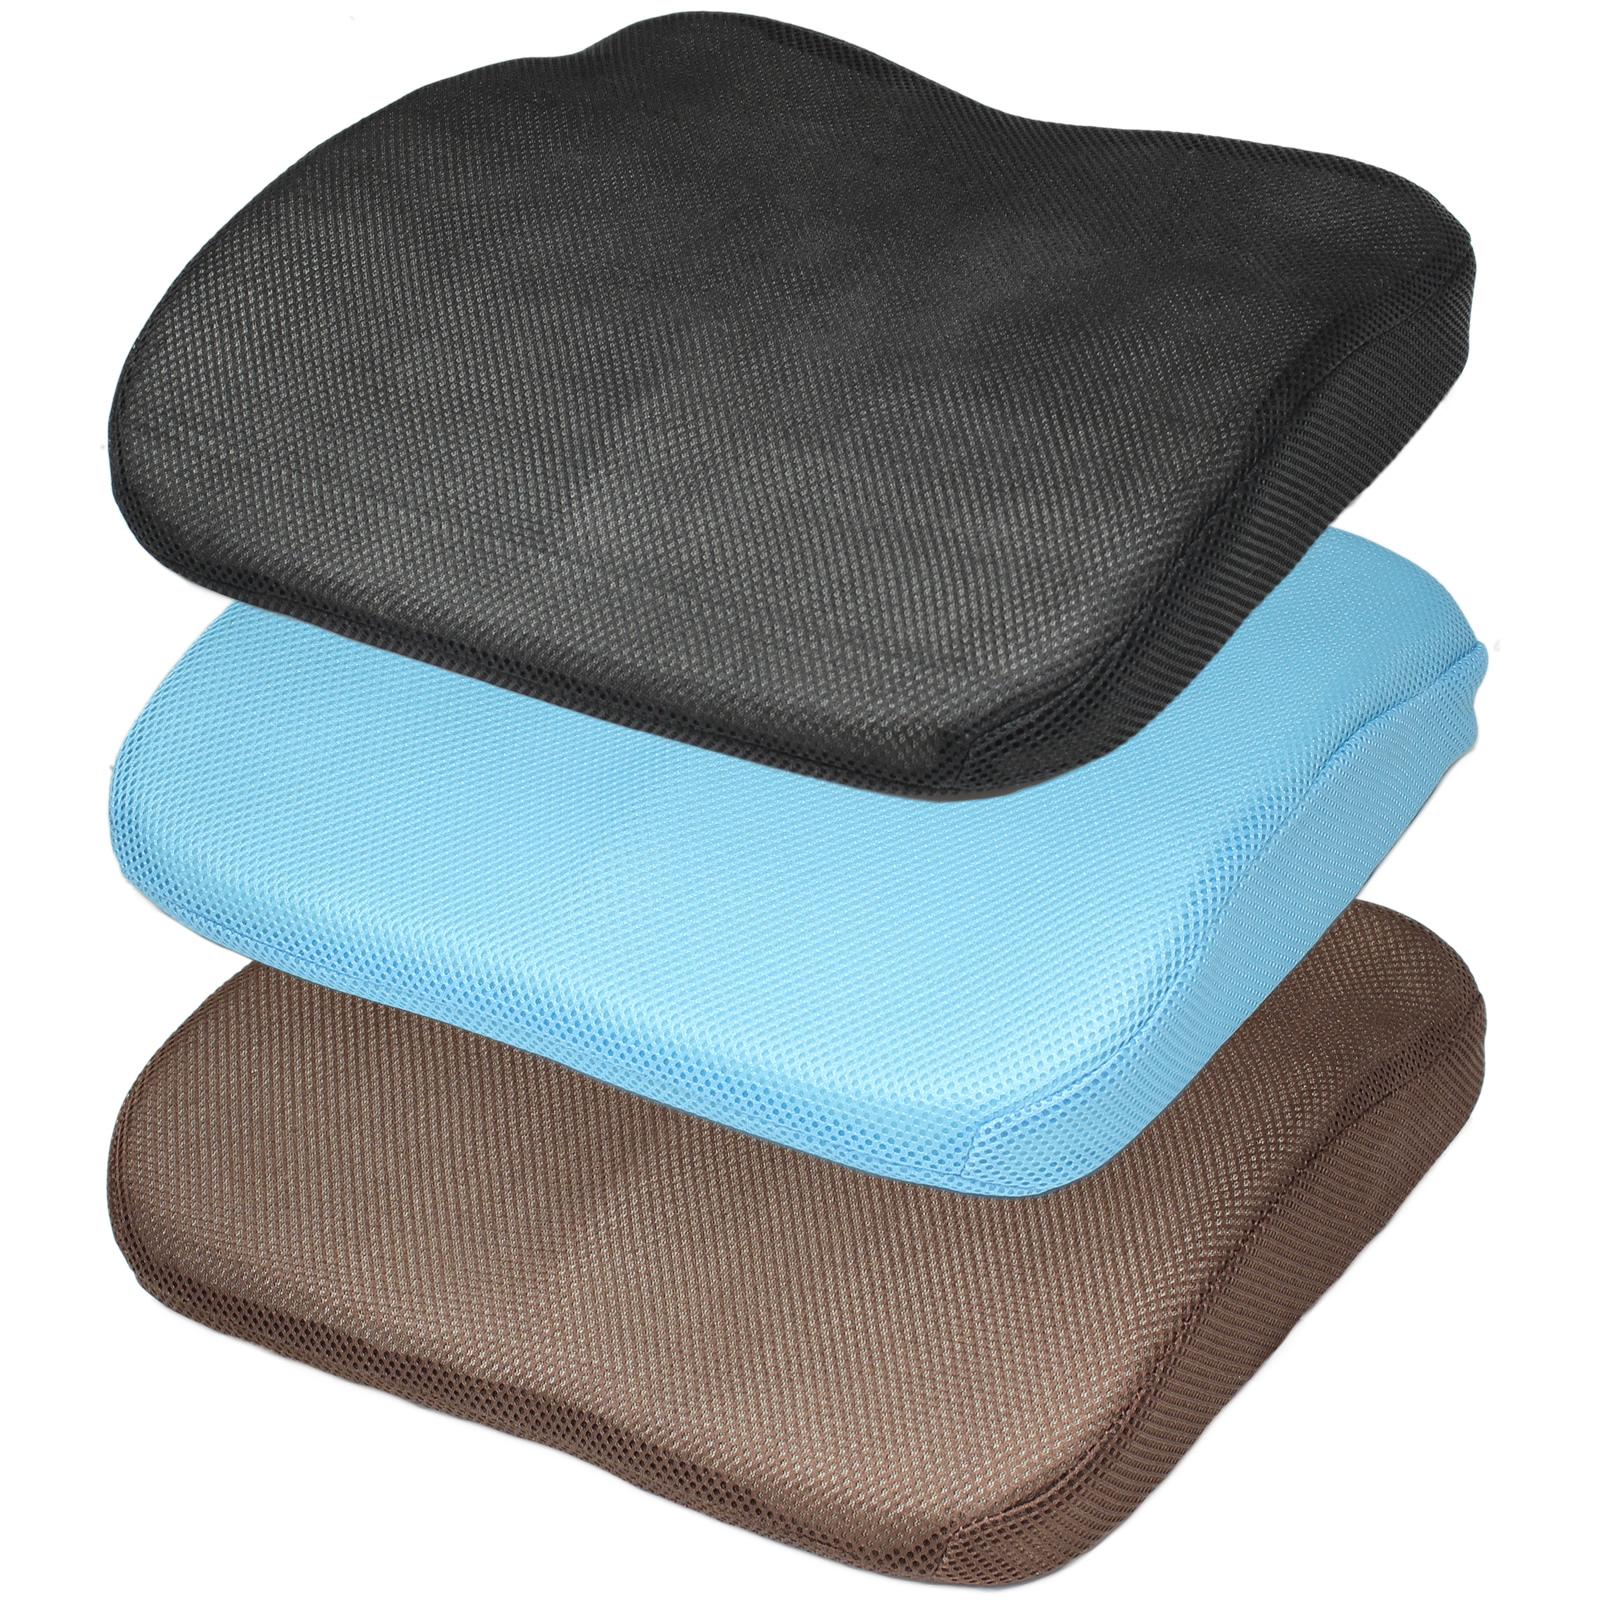 wheelchair cushion types cheap beach chair 3d mesh memory foam seat lower back lumbar support